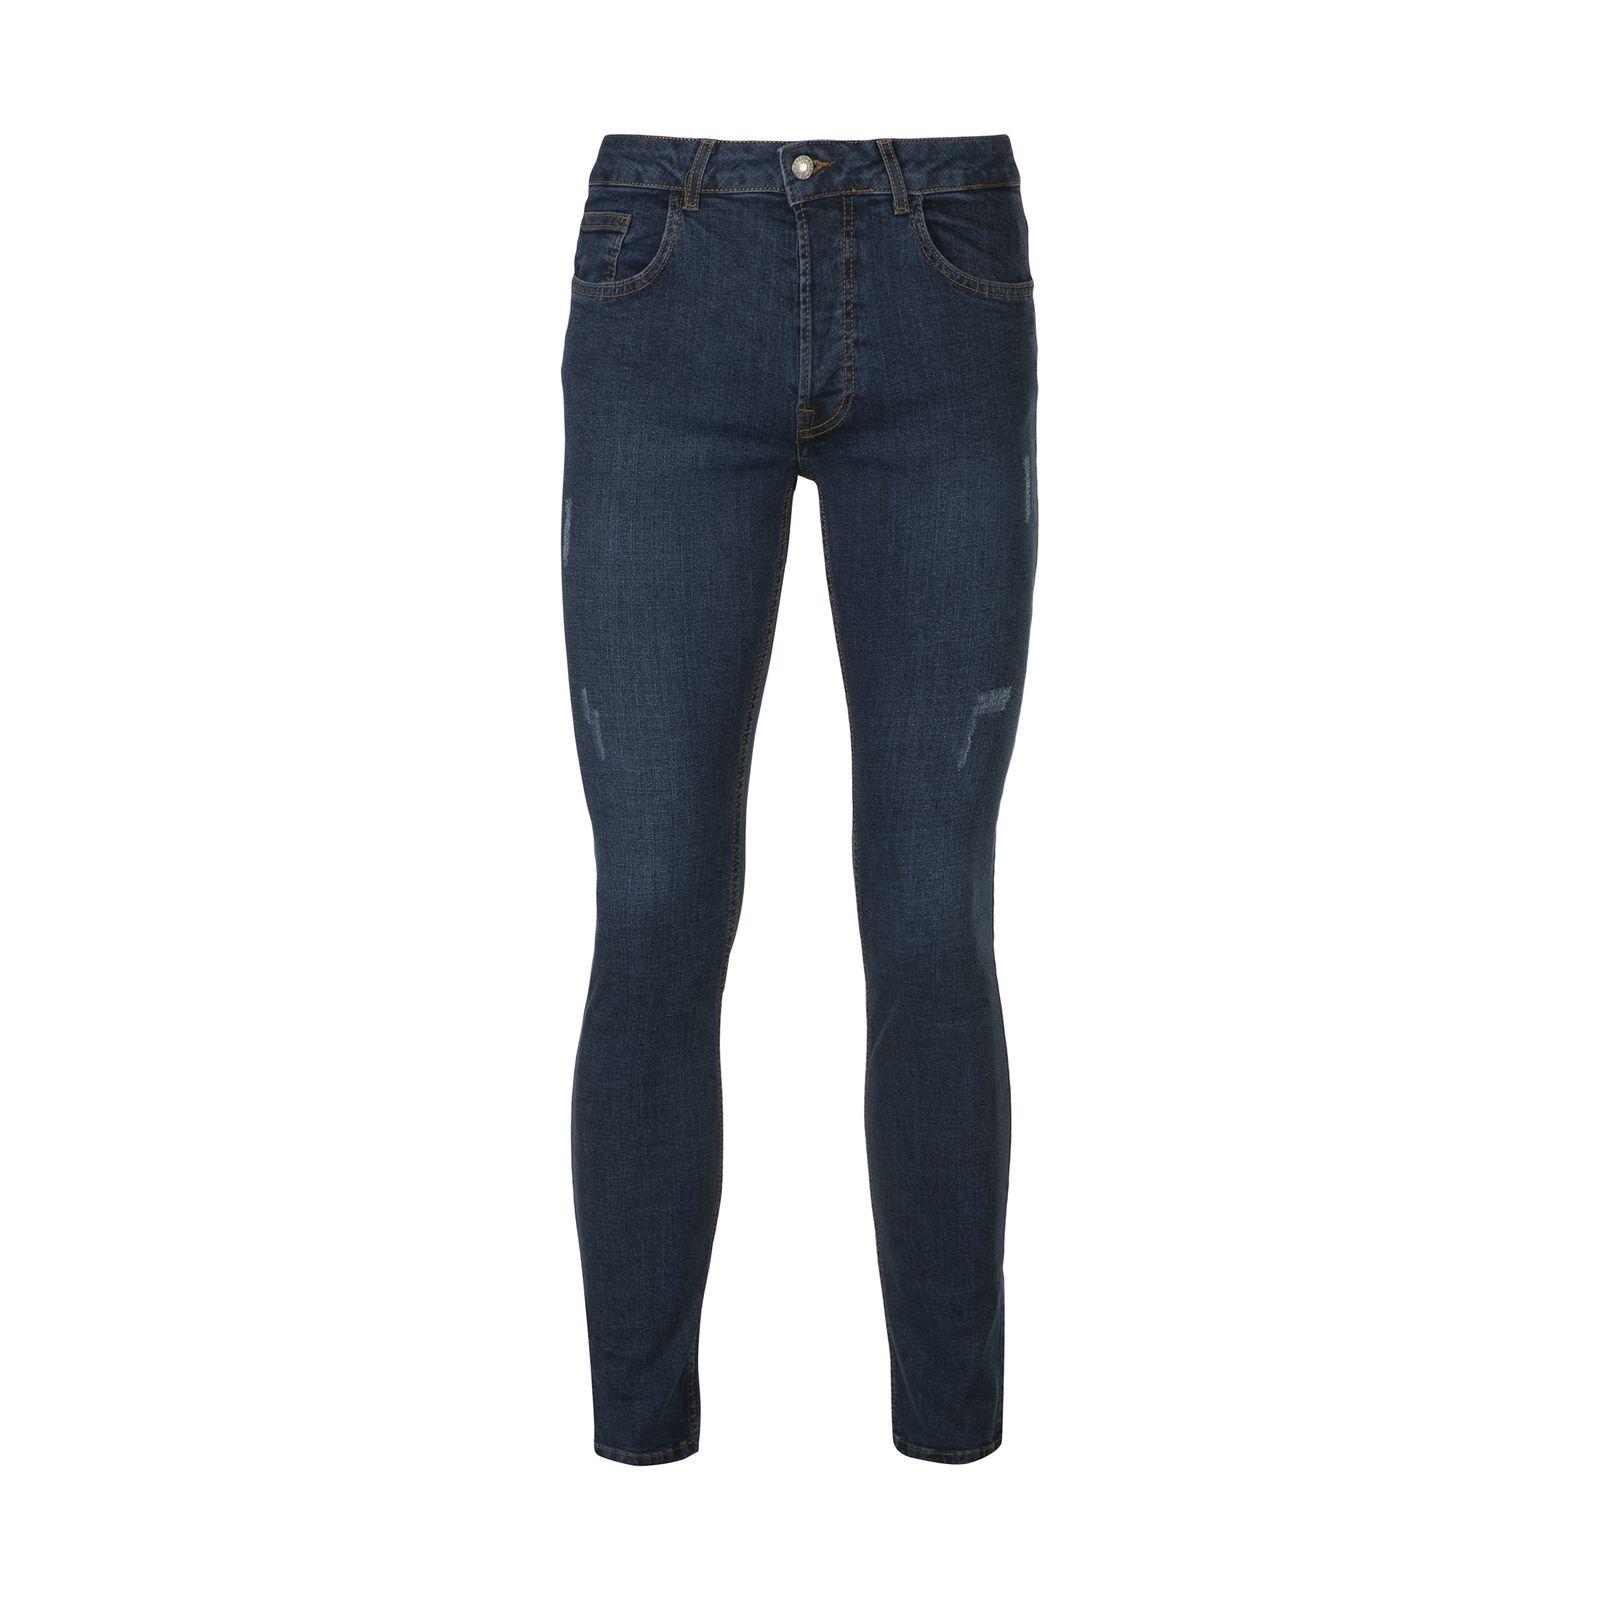 شلوار جین مردانه آر اِن اِس مدل 133051-59 -  - 1